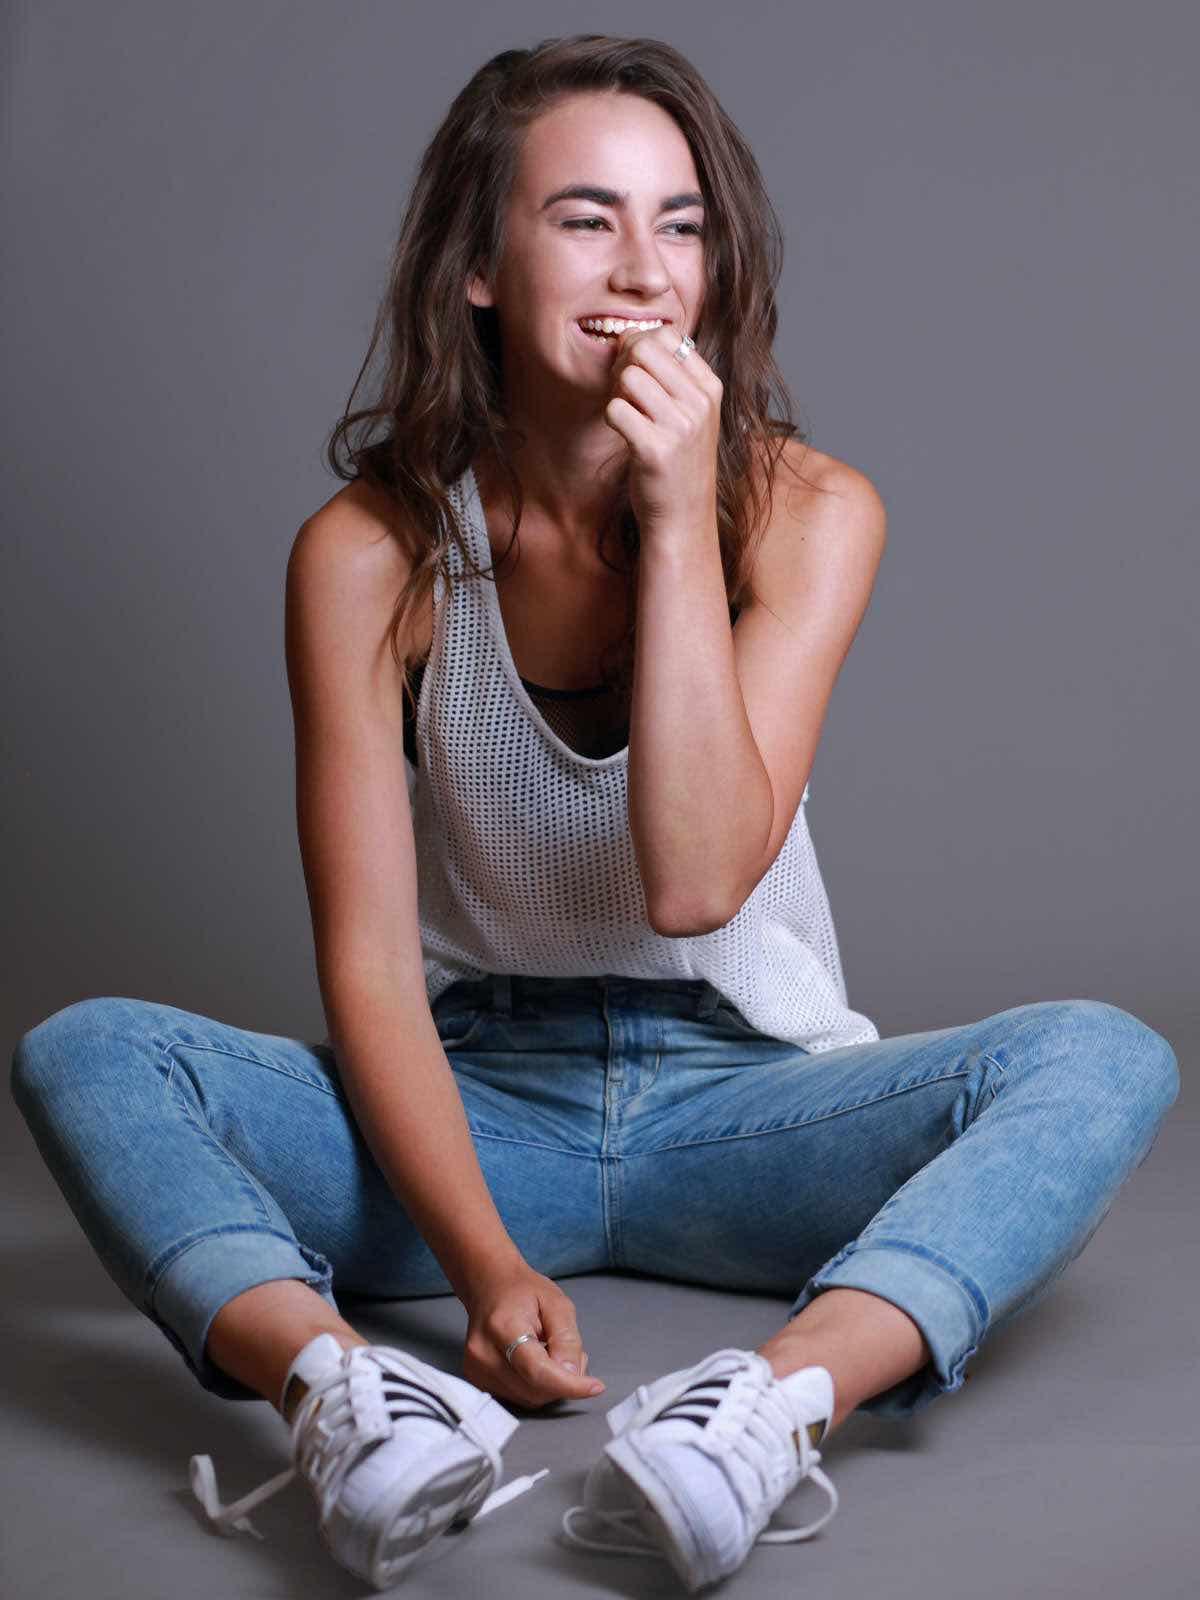 sce-agency-female-model-julia-s-6a